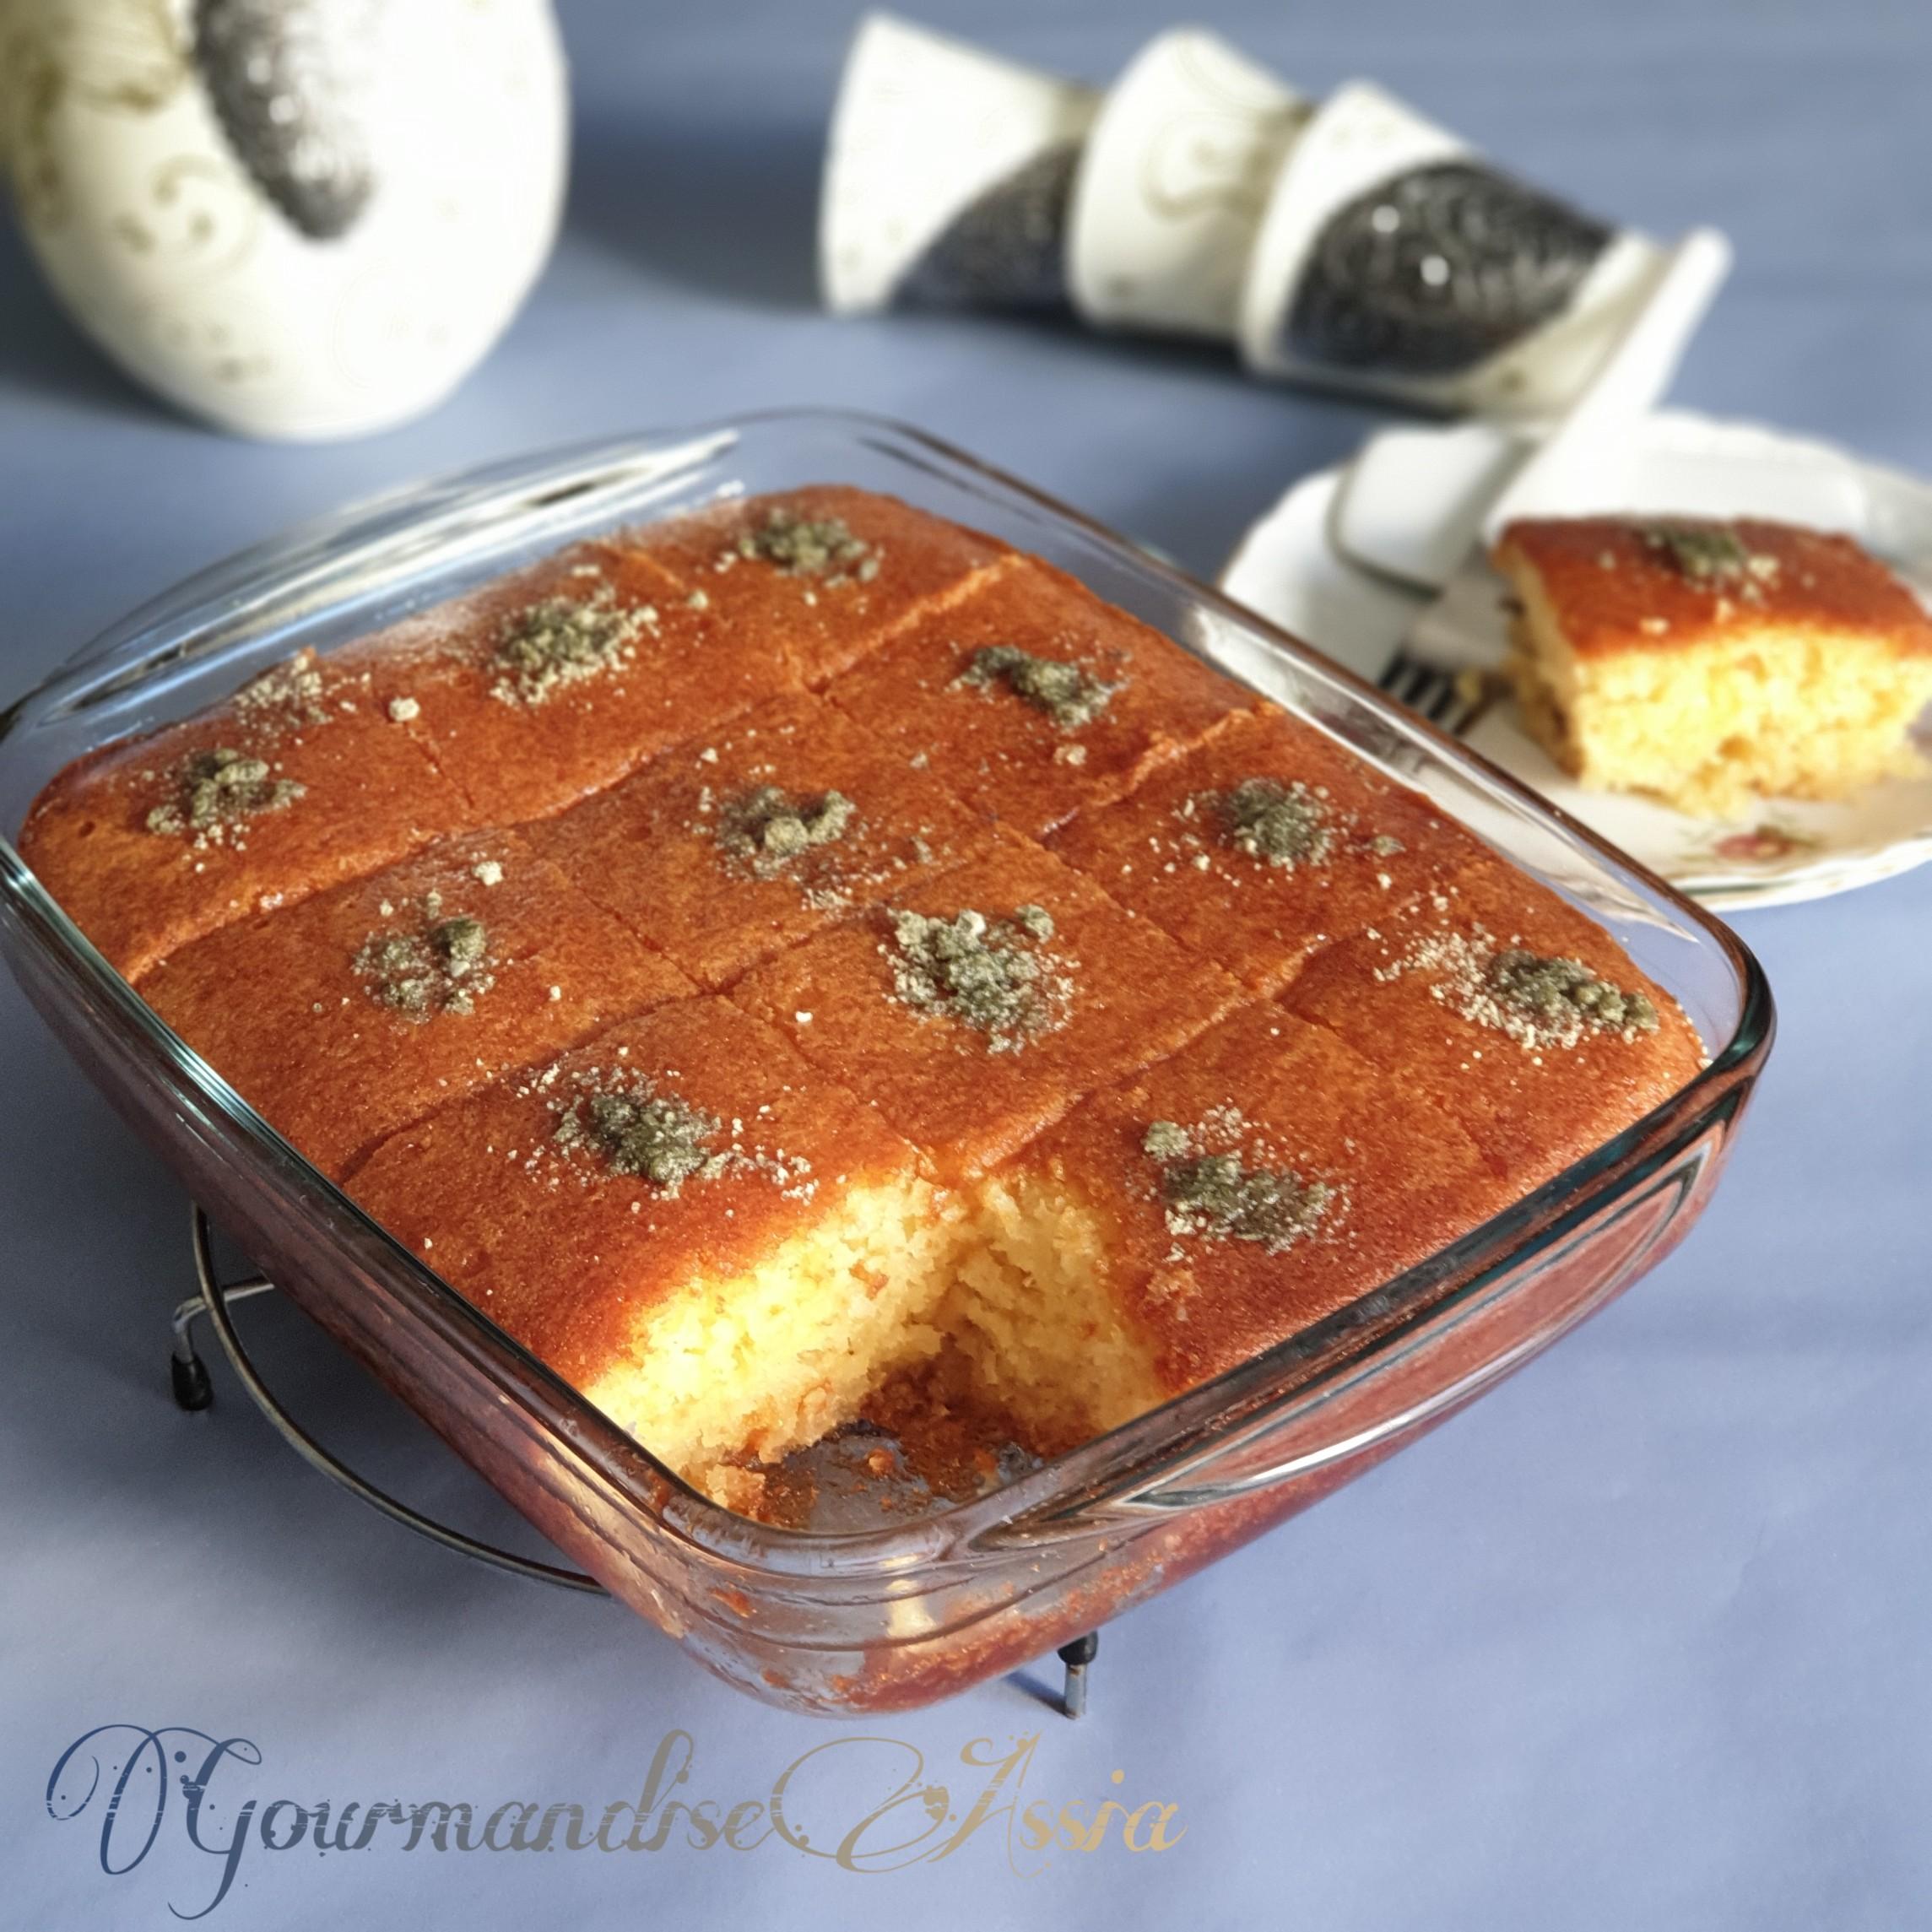 Basboussa, Ramadan , revani, recette,facile, Algérie, gâteaux,algériens,  recette,rapide